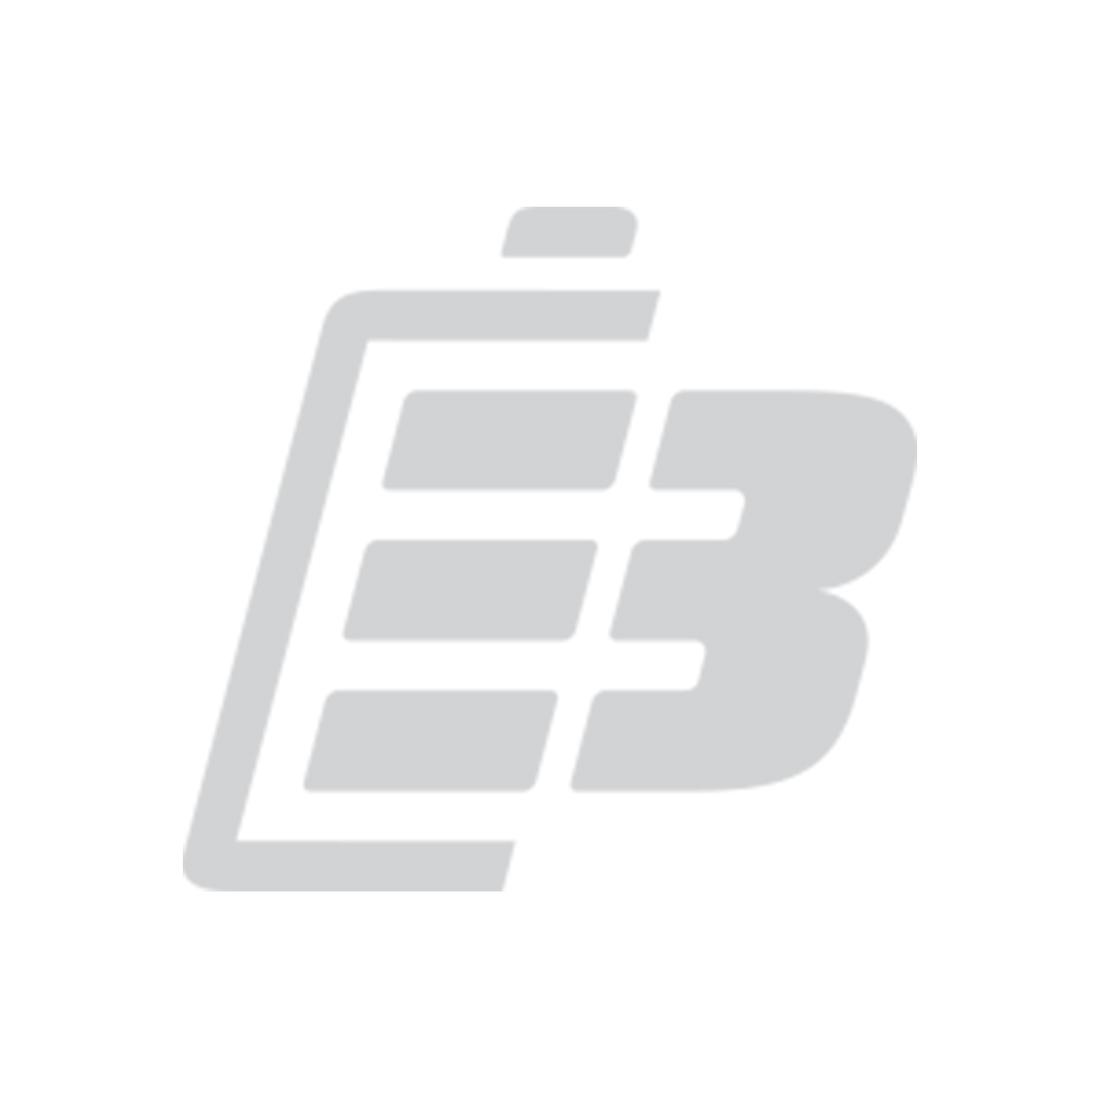 Μπαταρια 18650 Fenix ARB-L18 2600mah 1